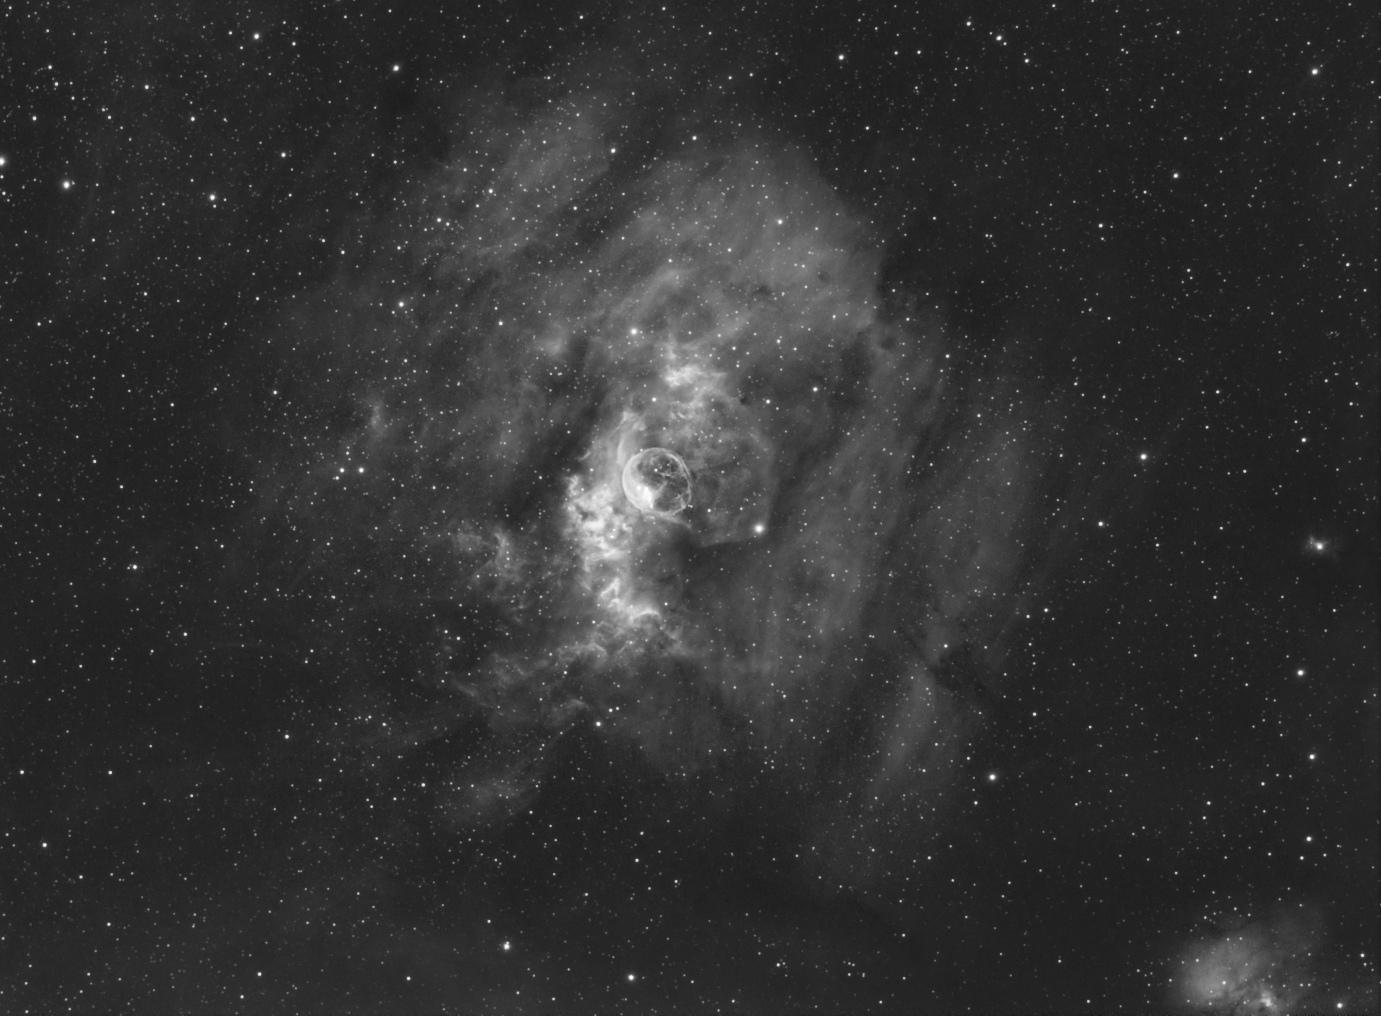 NGC-7635-Bubble-Nebula-Halpha.jpg